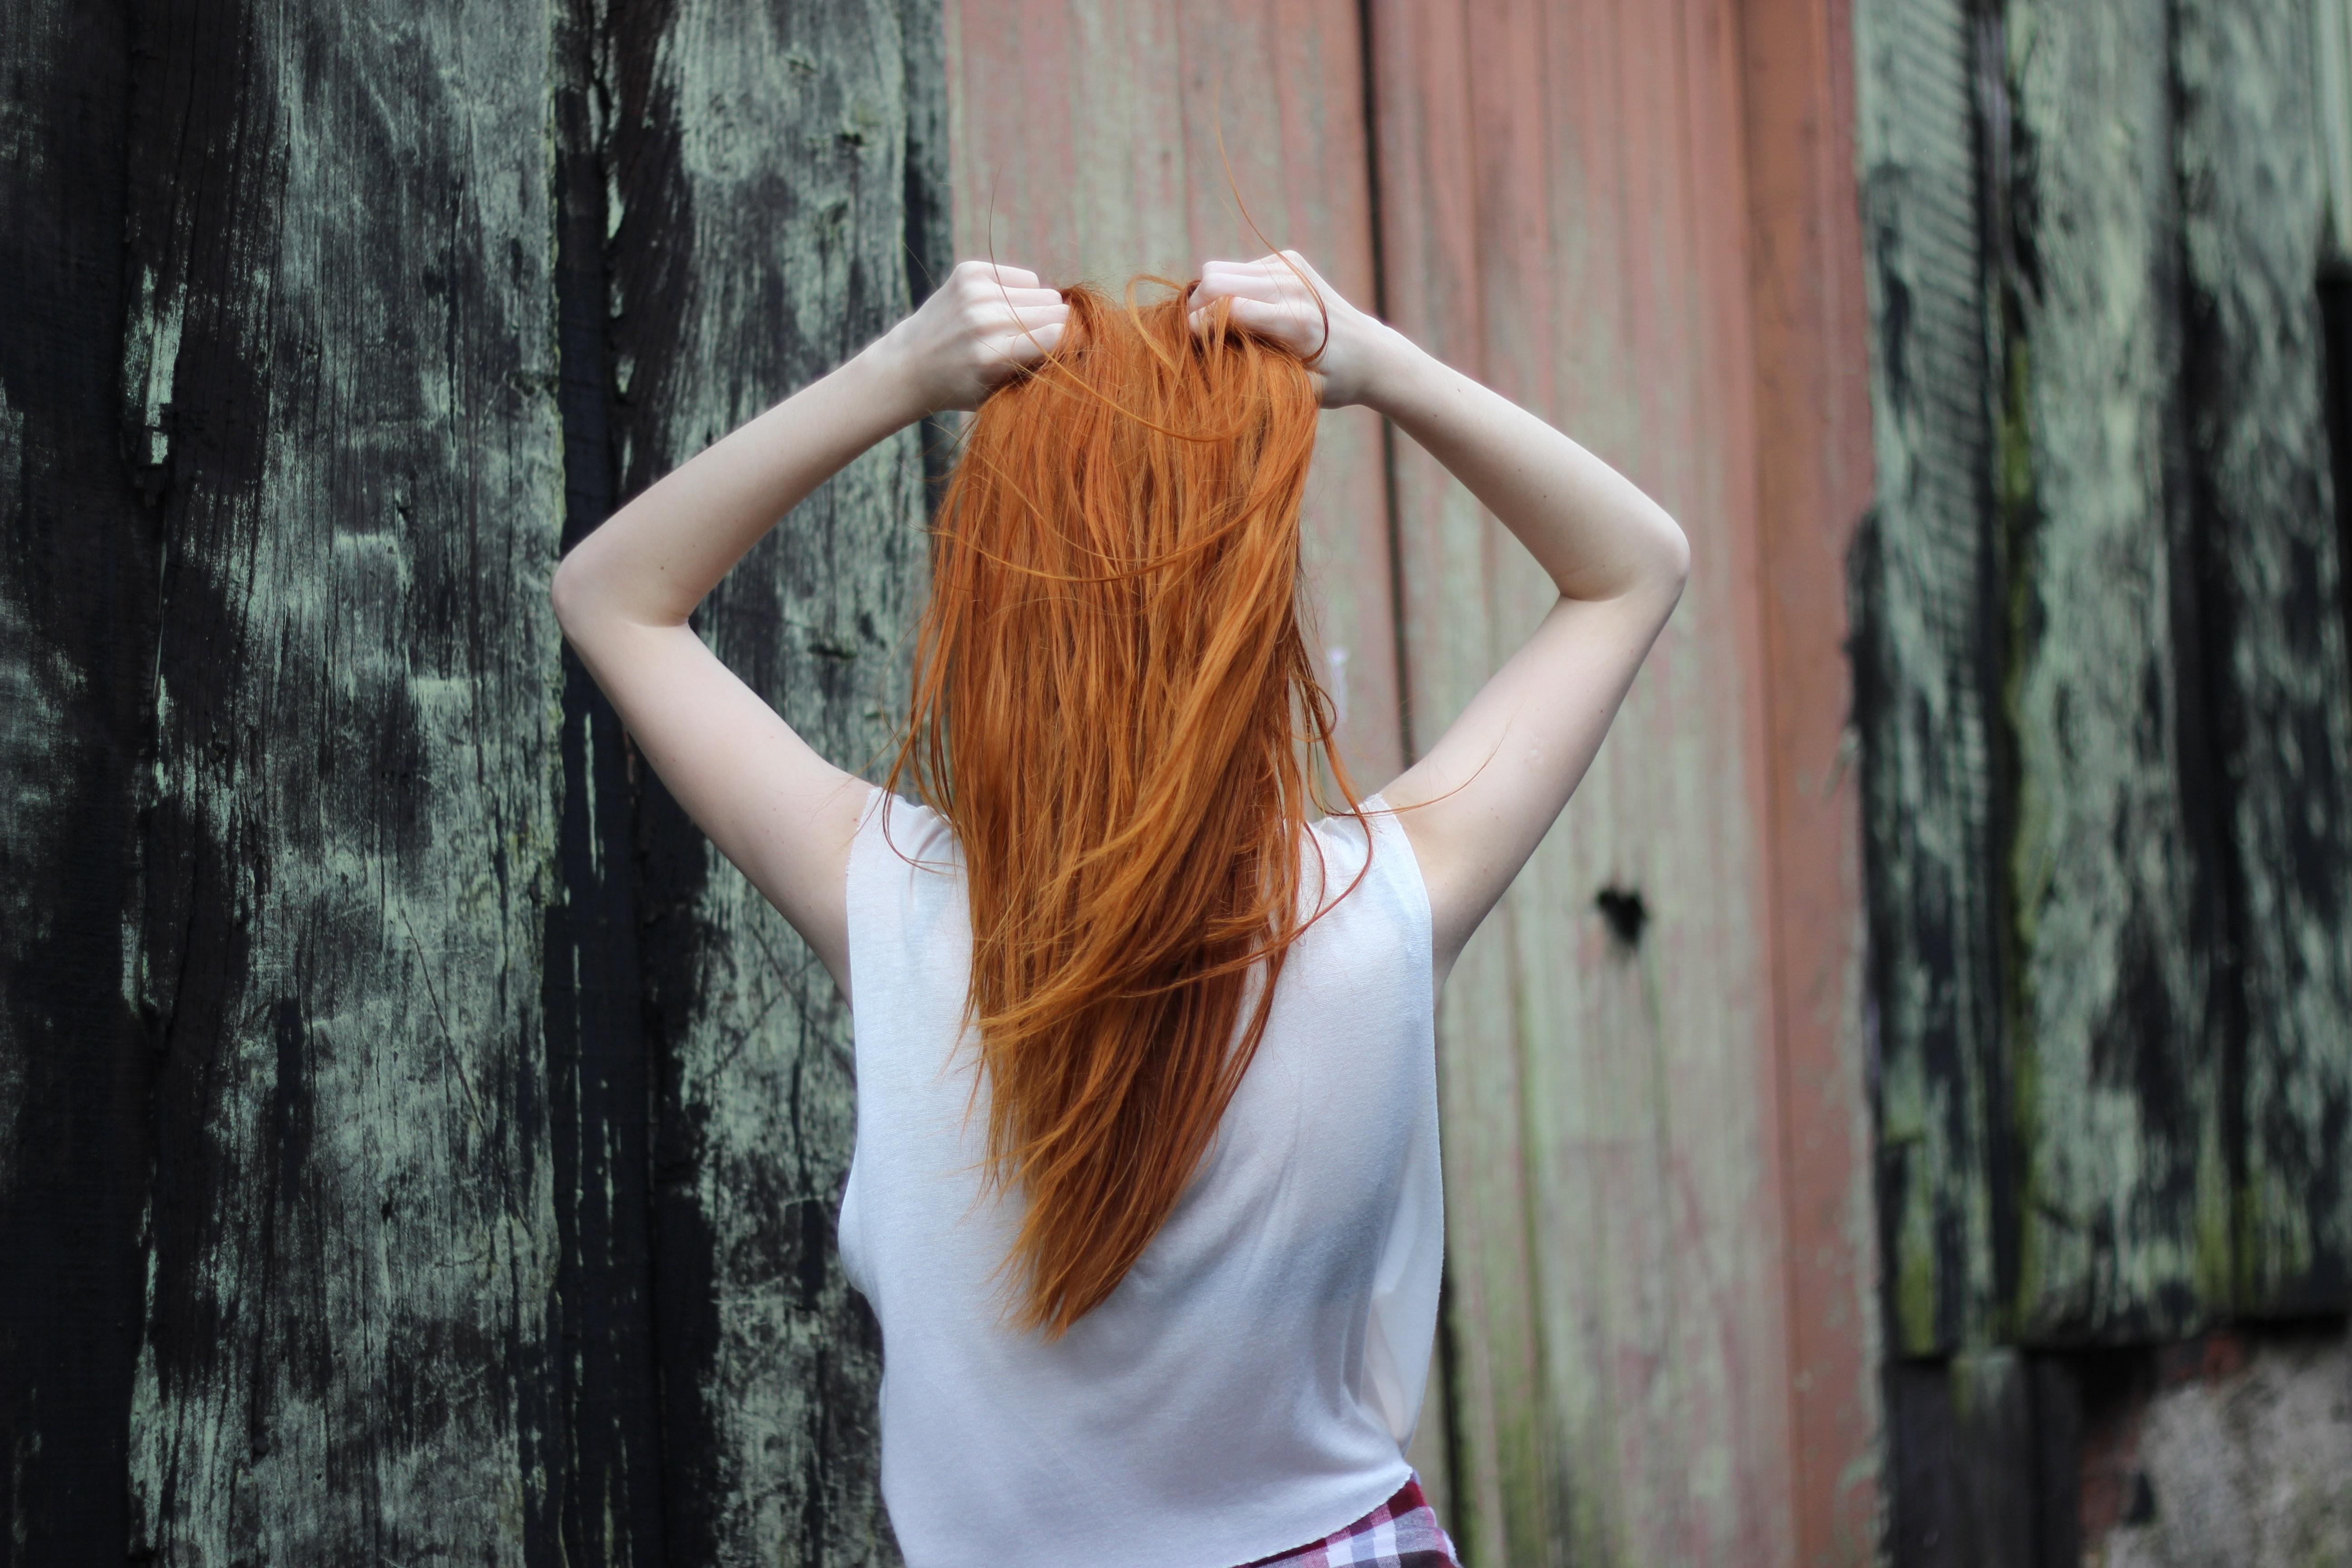 Problemi dei capelli: le doppie punte